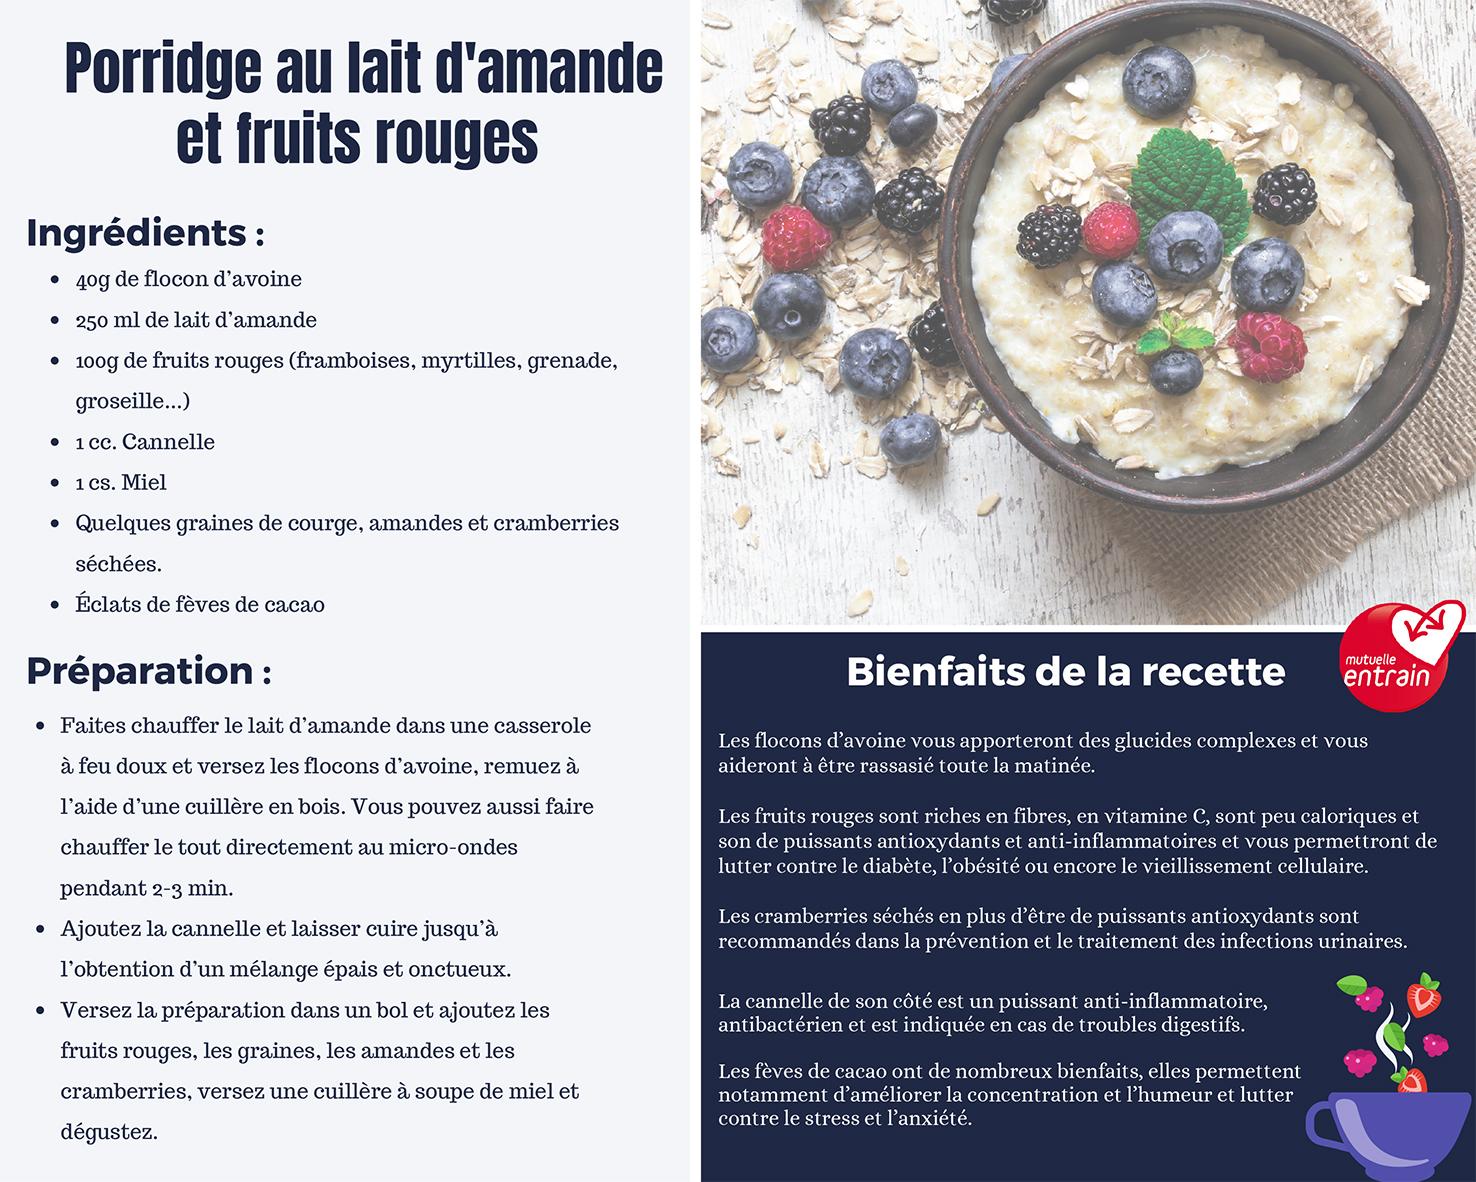 Recette porridge anti-inflammatoire